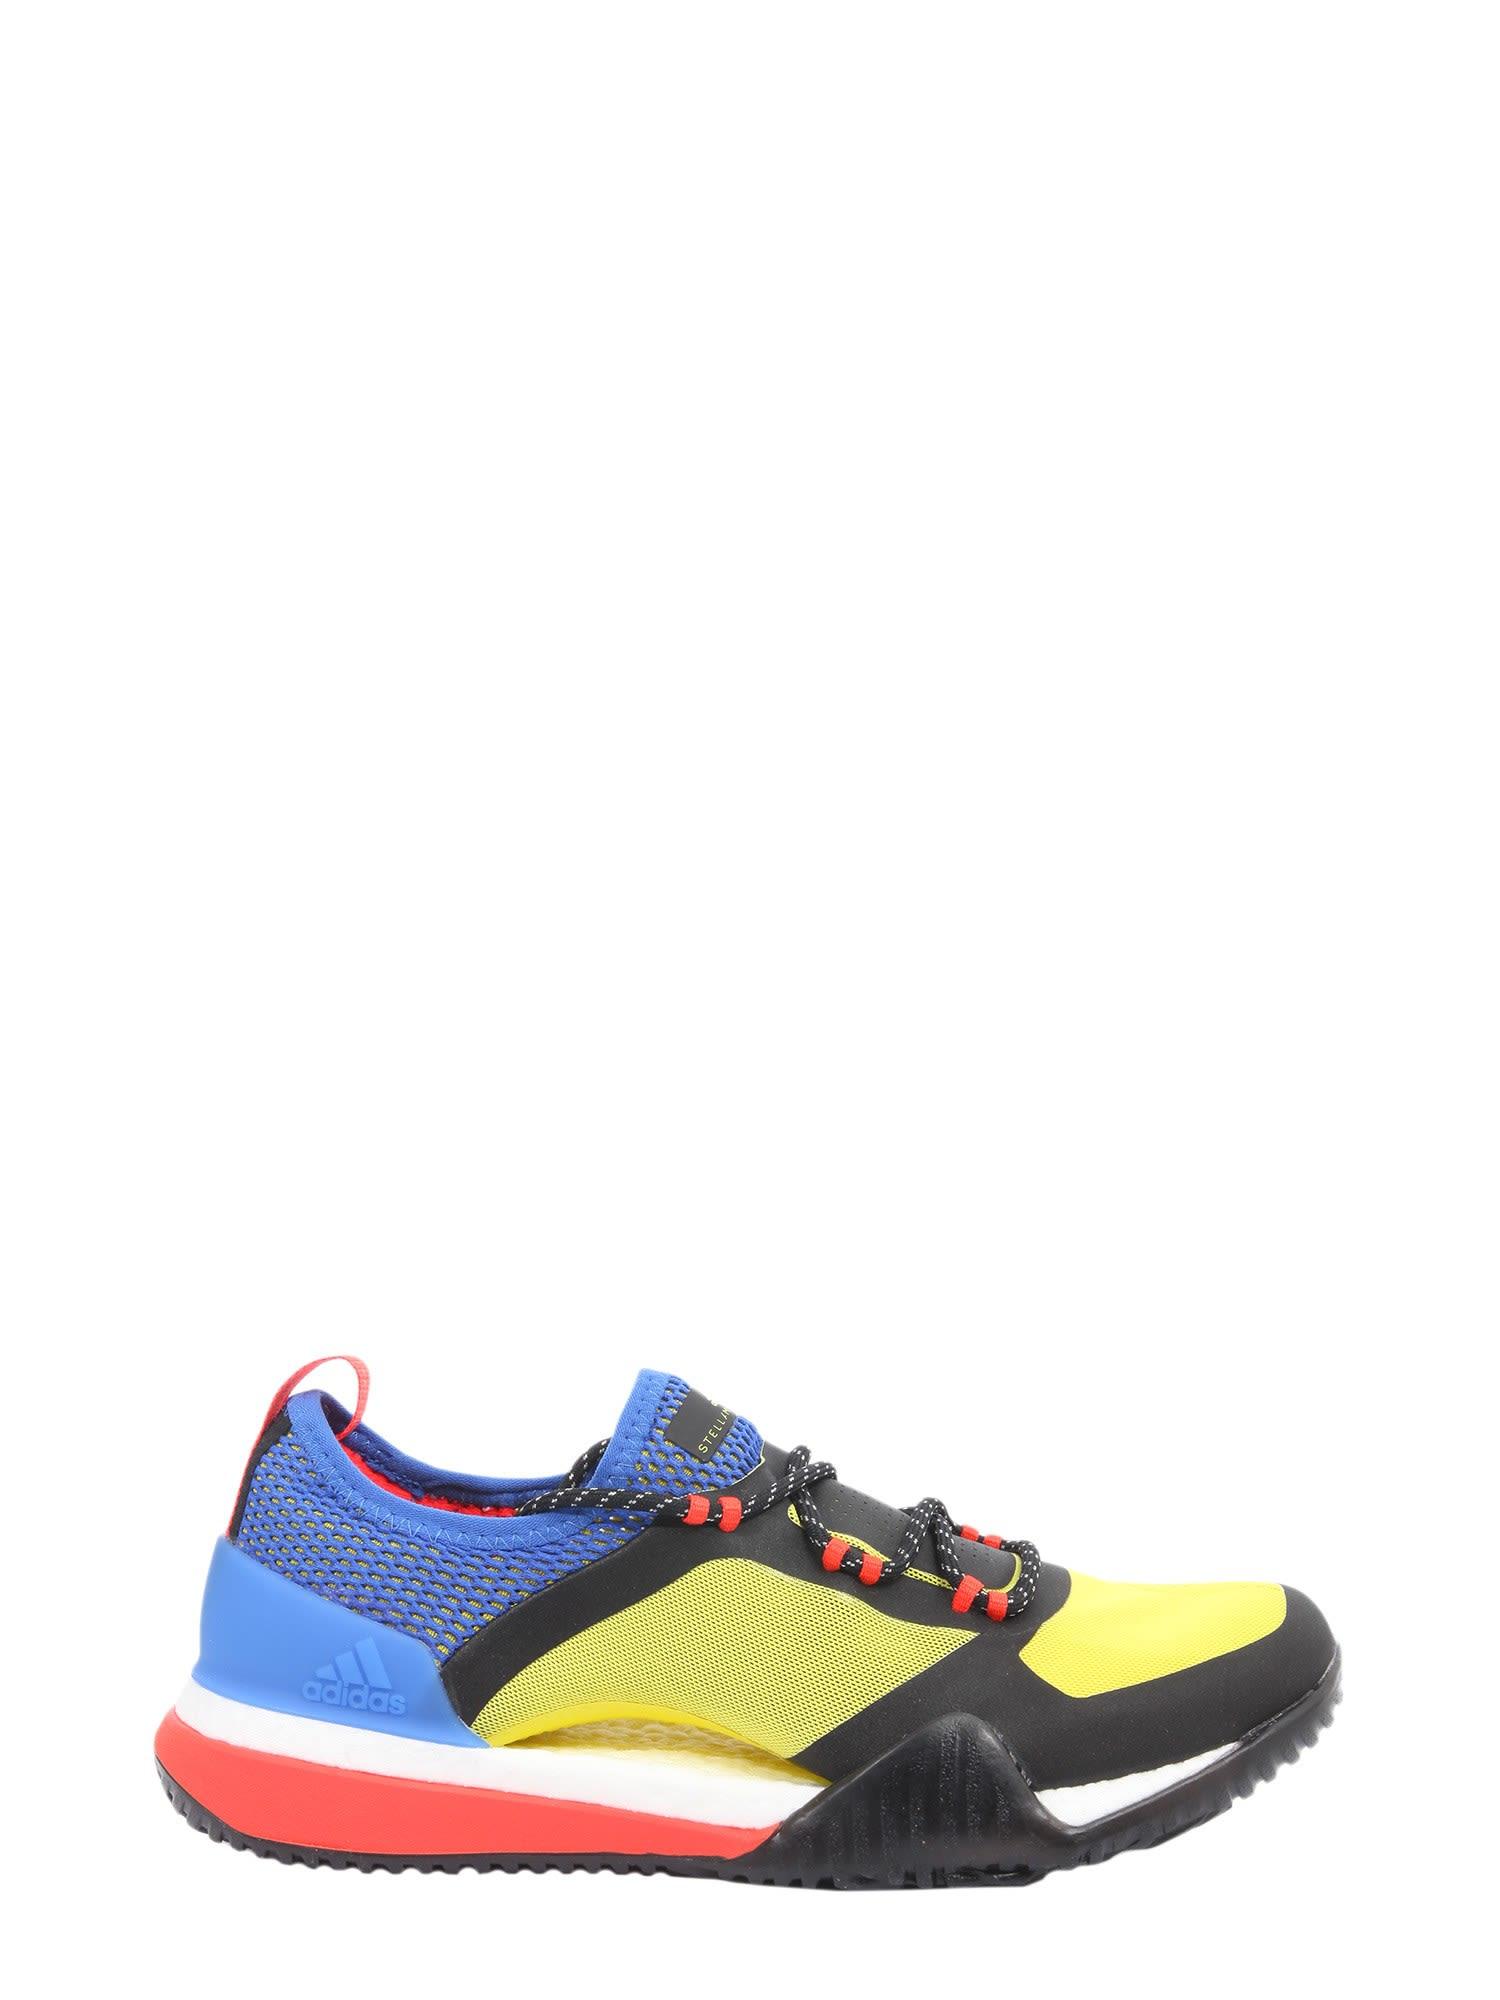 Adidas by Stella McCartney Pureboost X Trainers 3.0